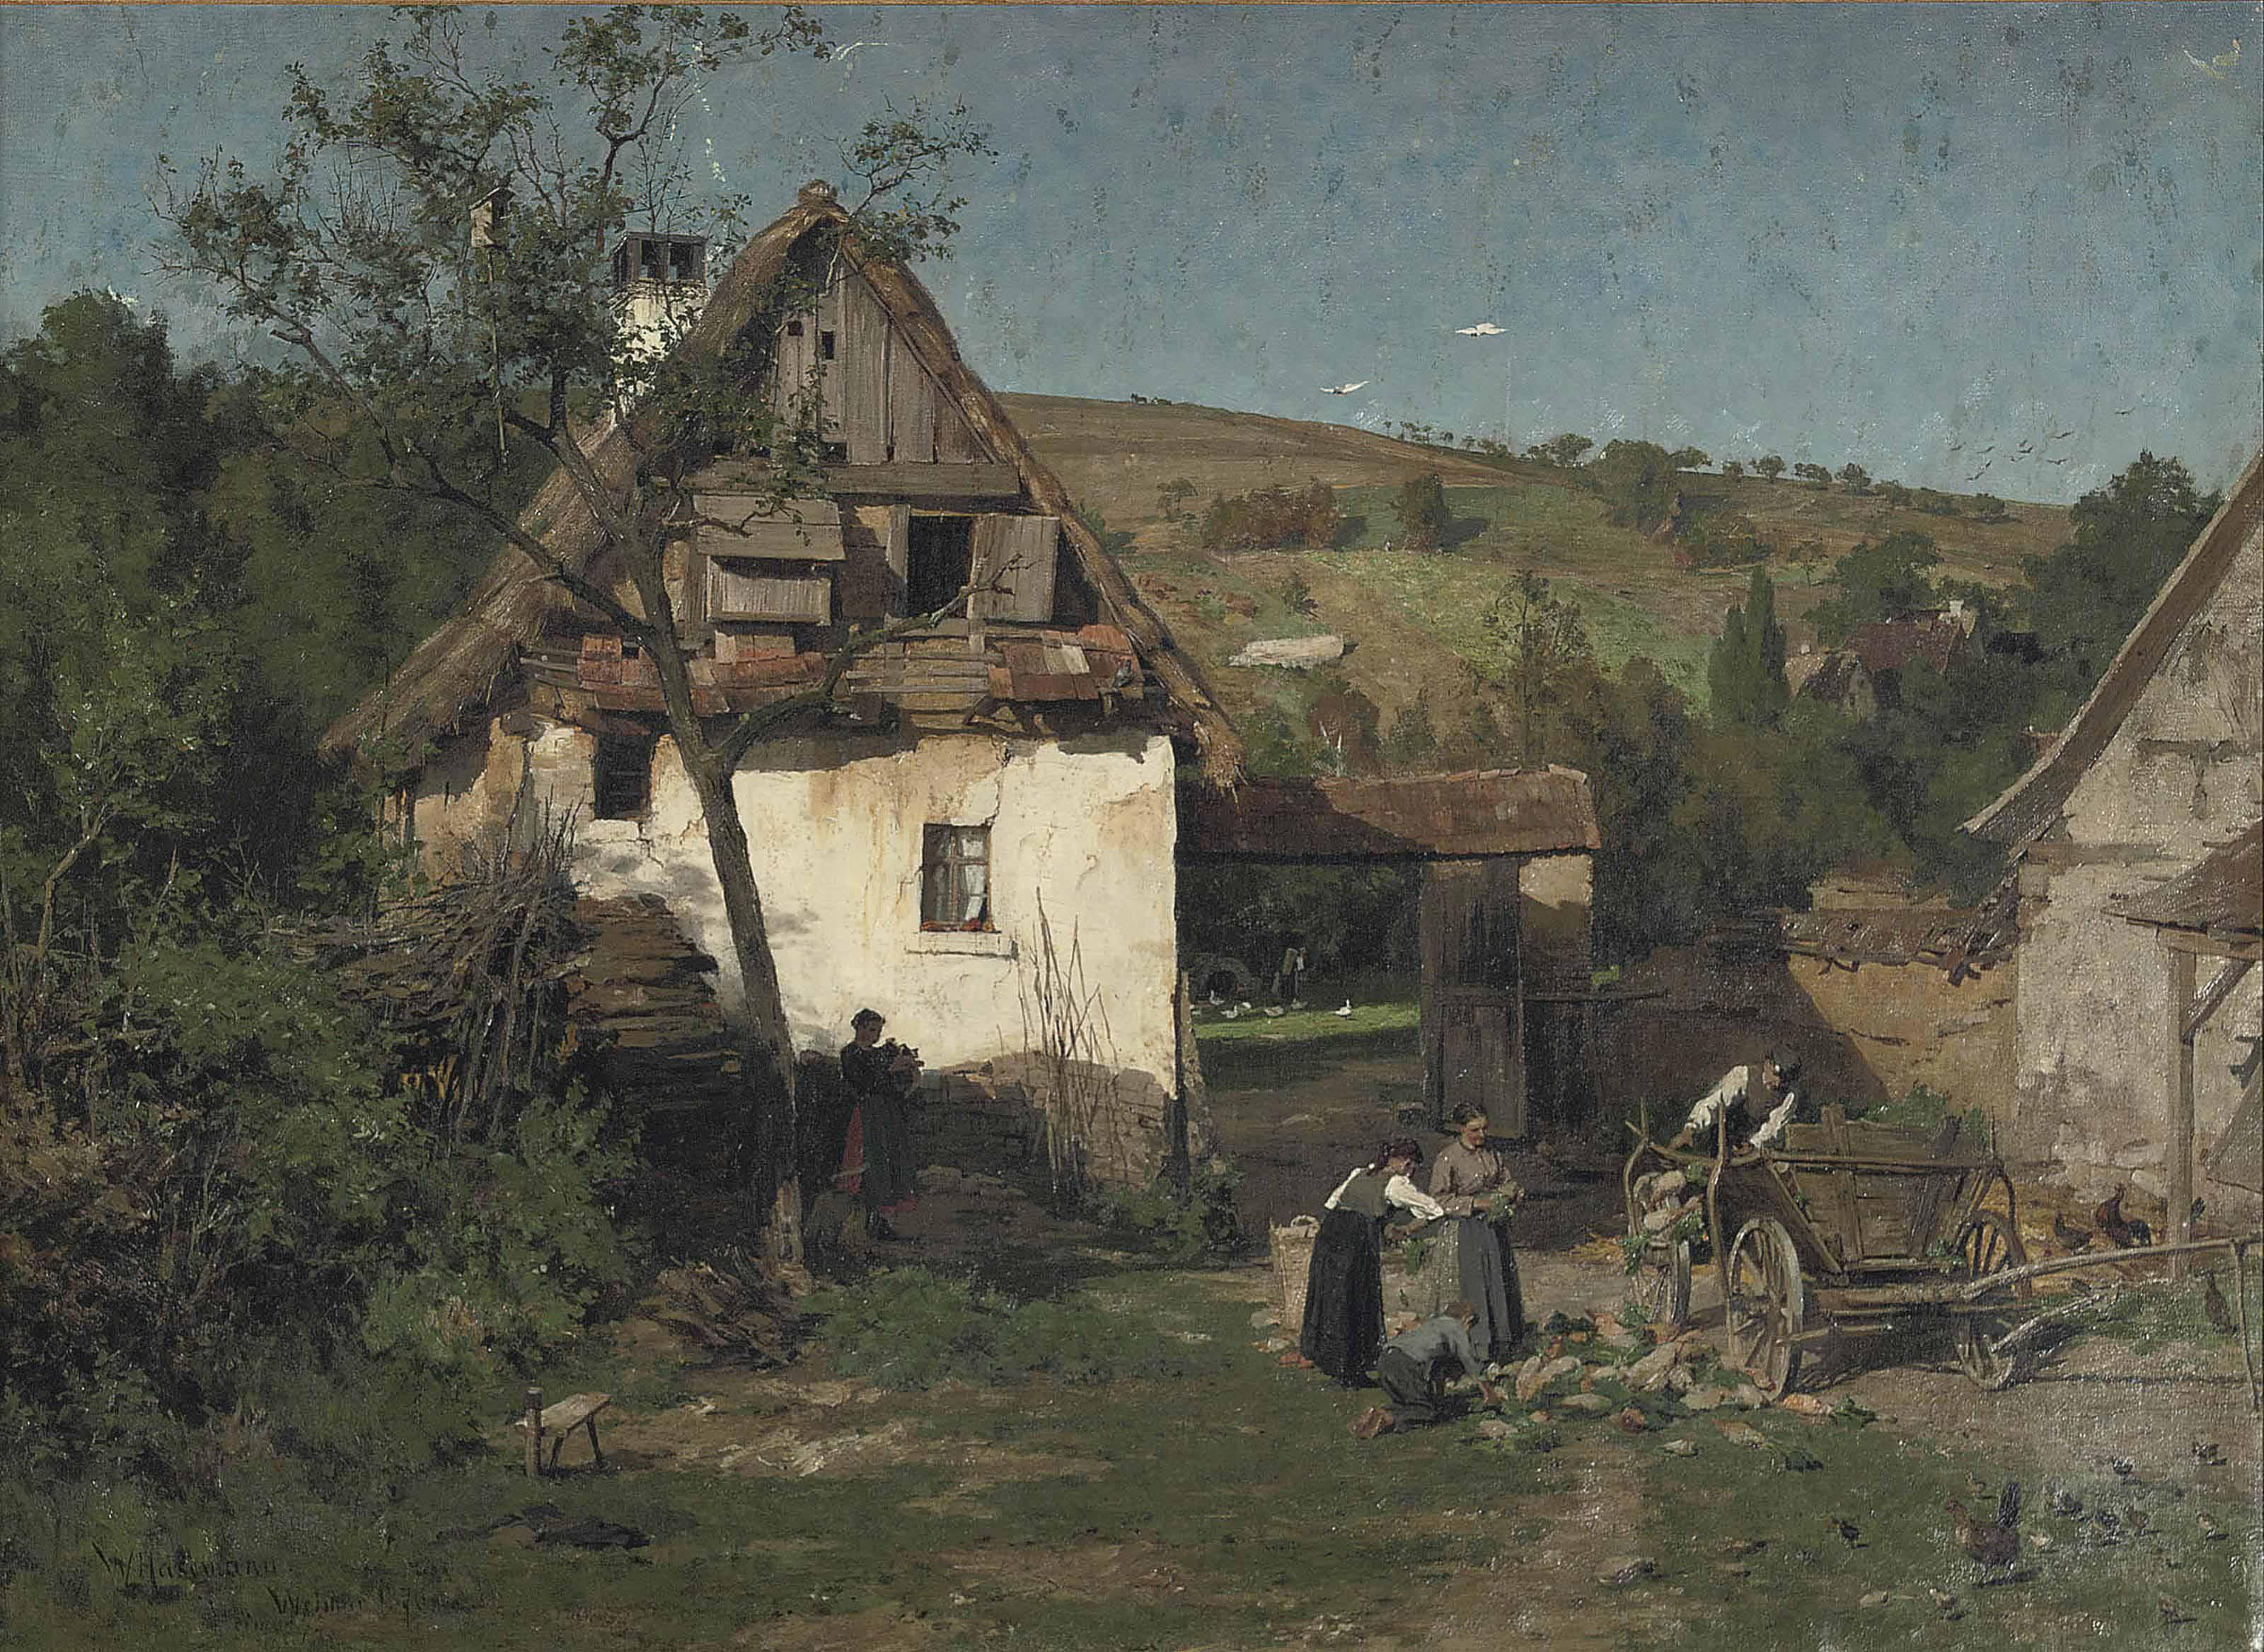 Daily activities near a farm